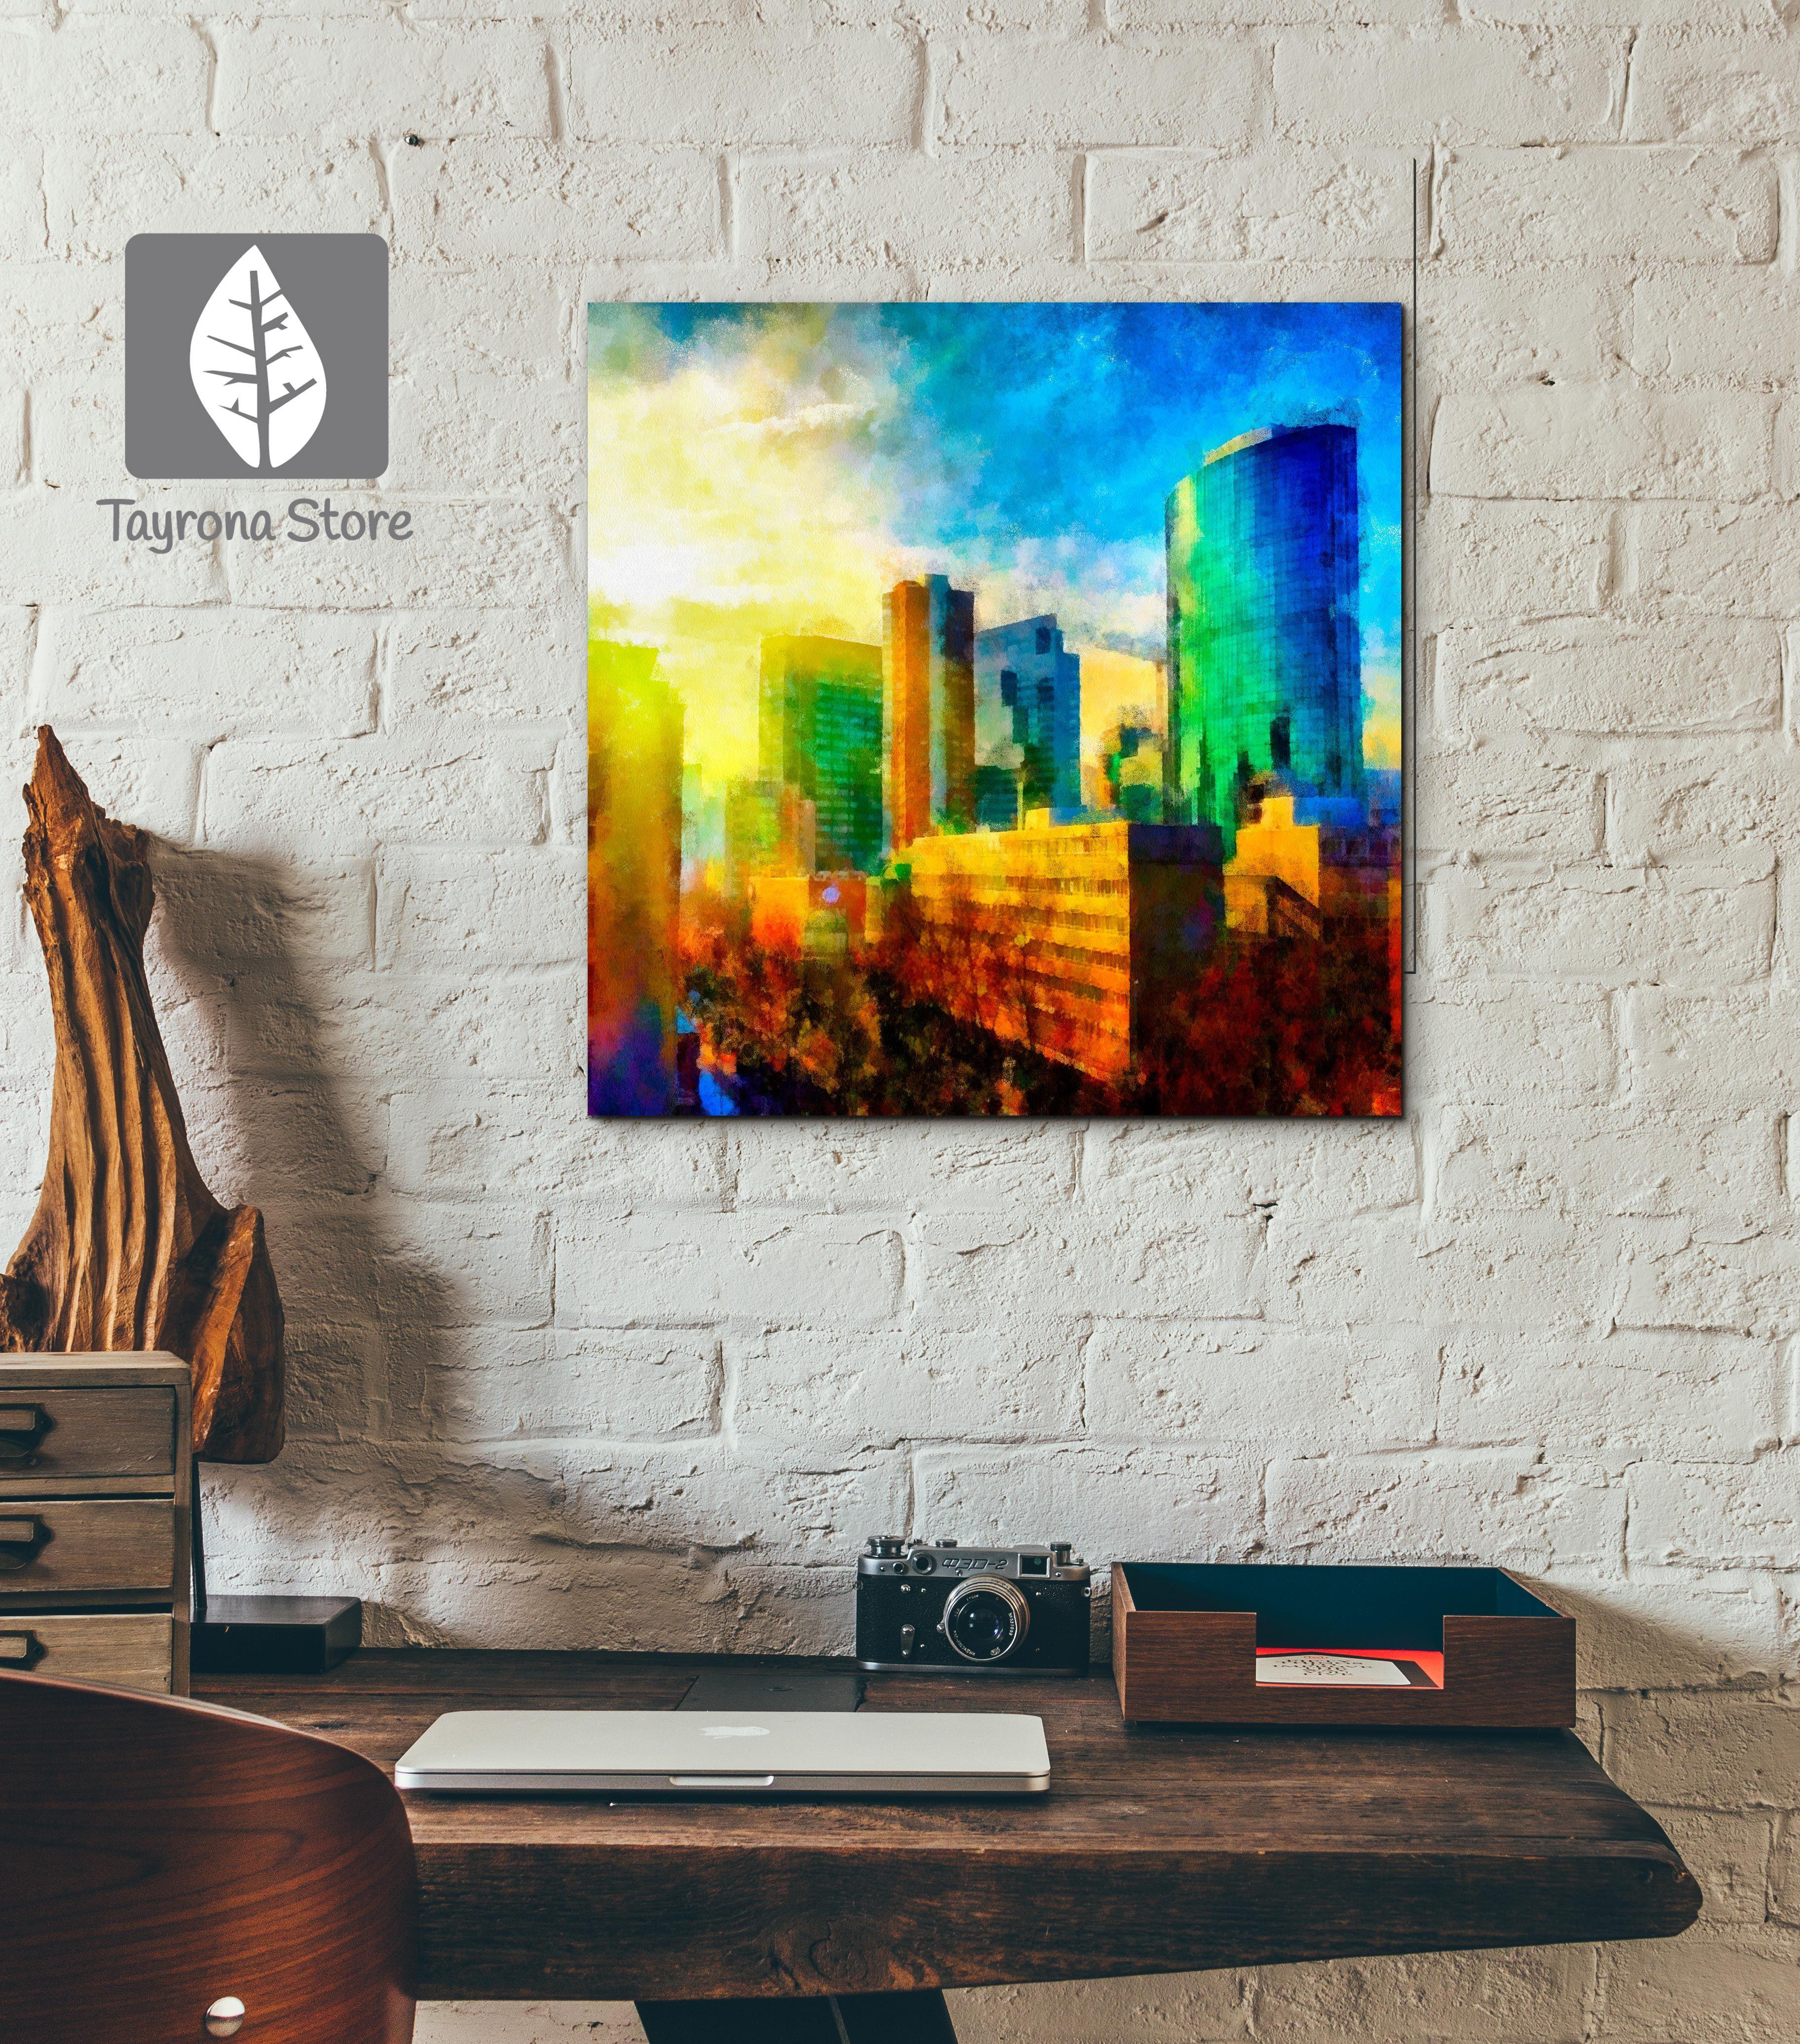 Cuadros Decorativos pintura-ciudad #tayronastore,#cuadros ...